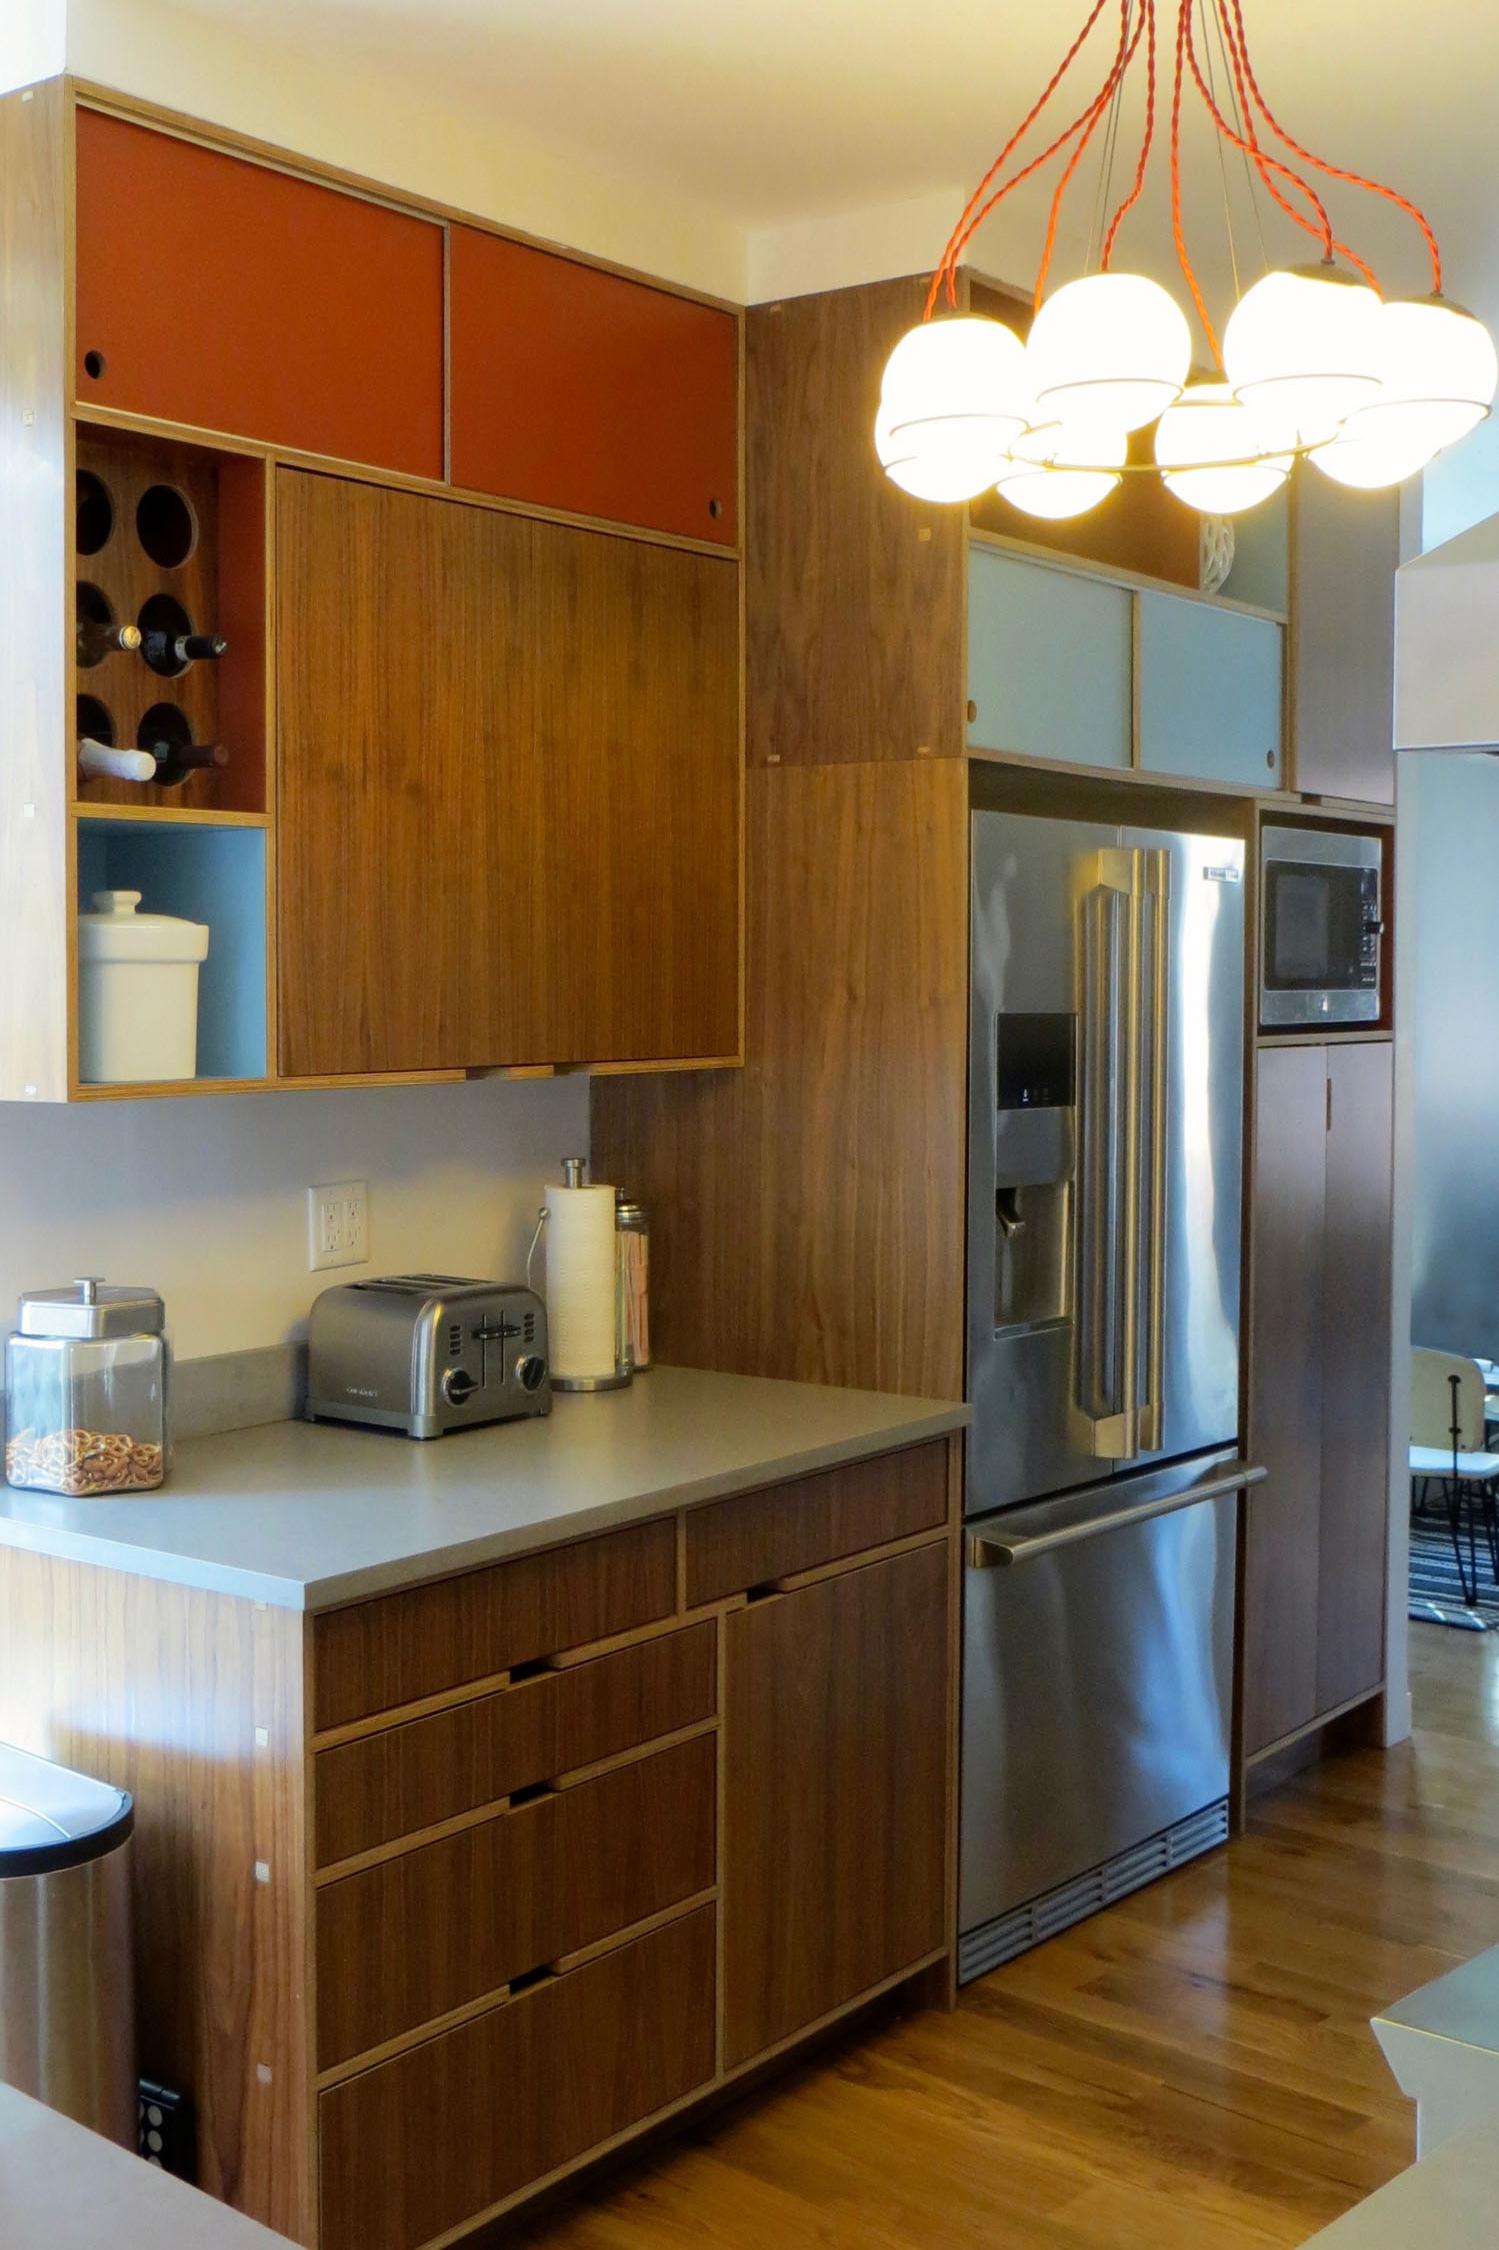 mr-kitchen-5-sml.jpg